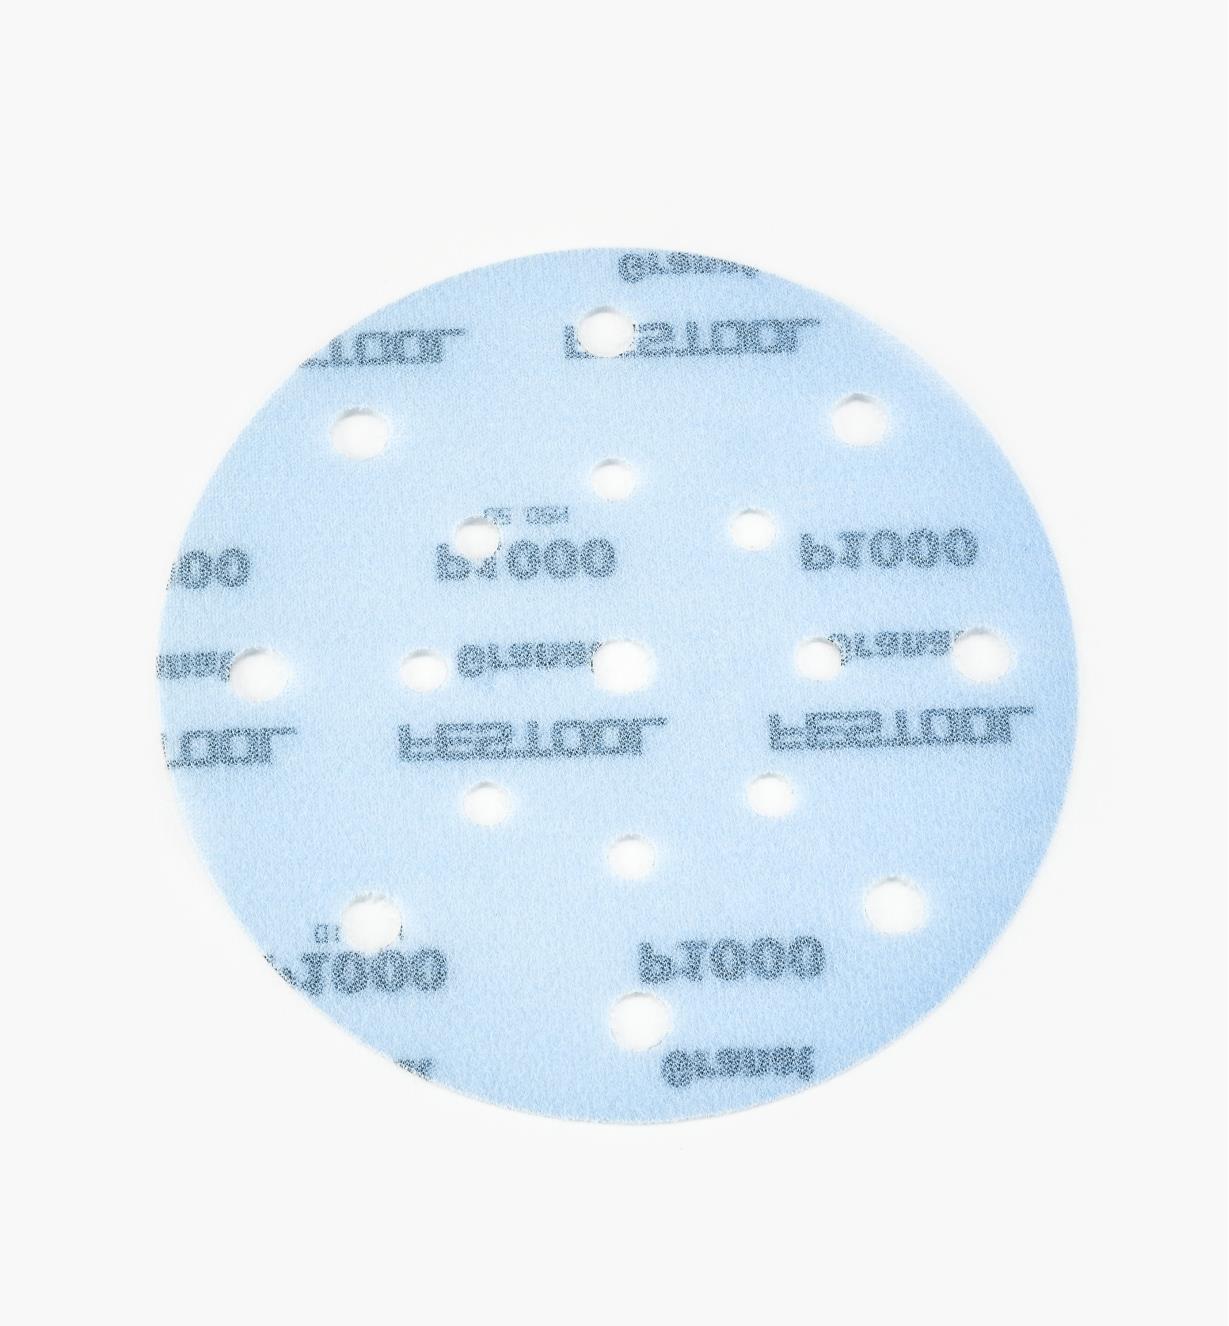 ZA496990S - Granat (P 1000), Qty. 10